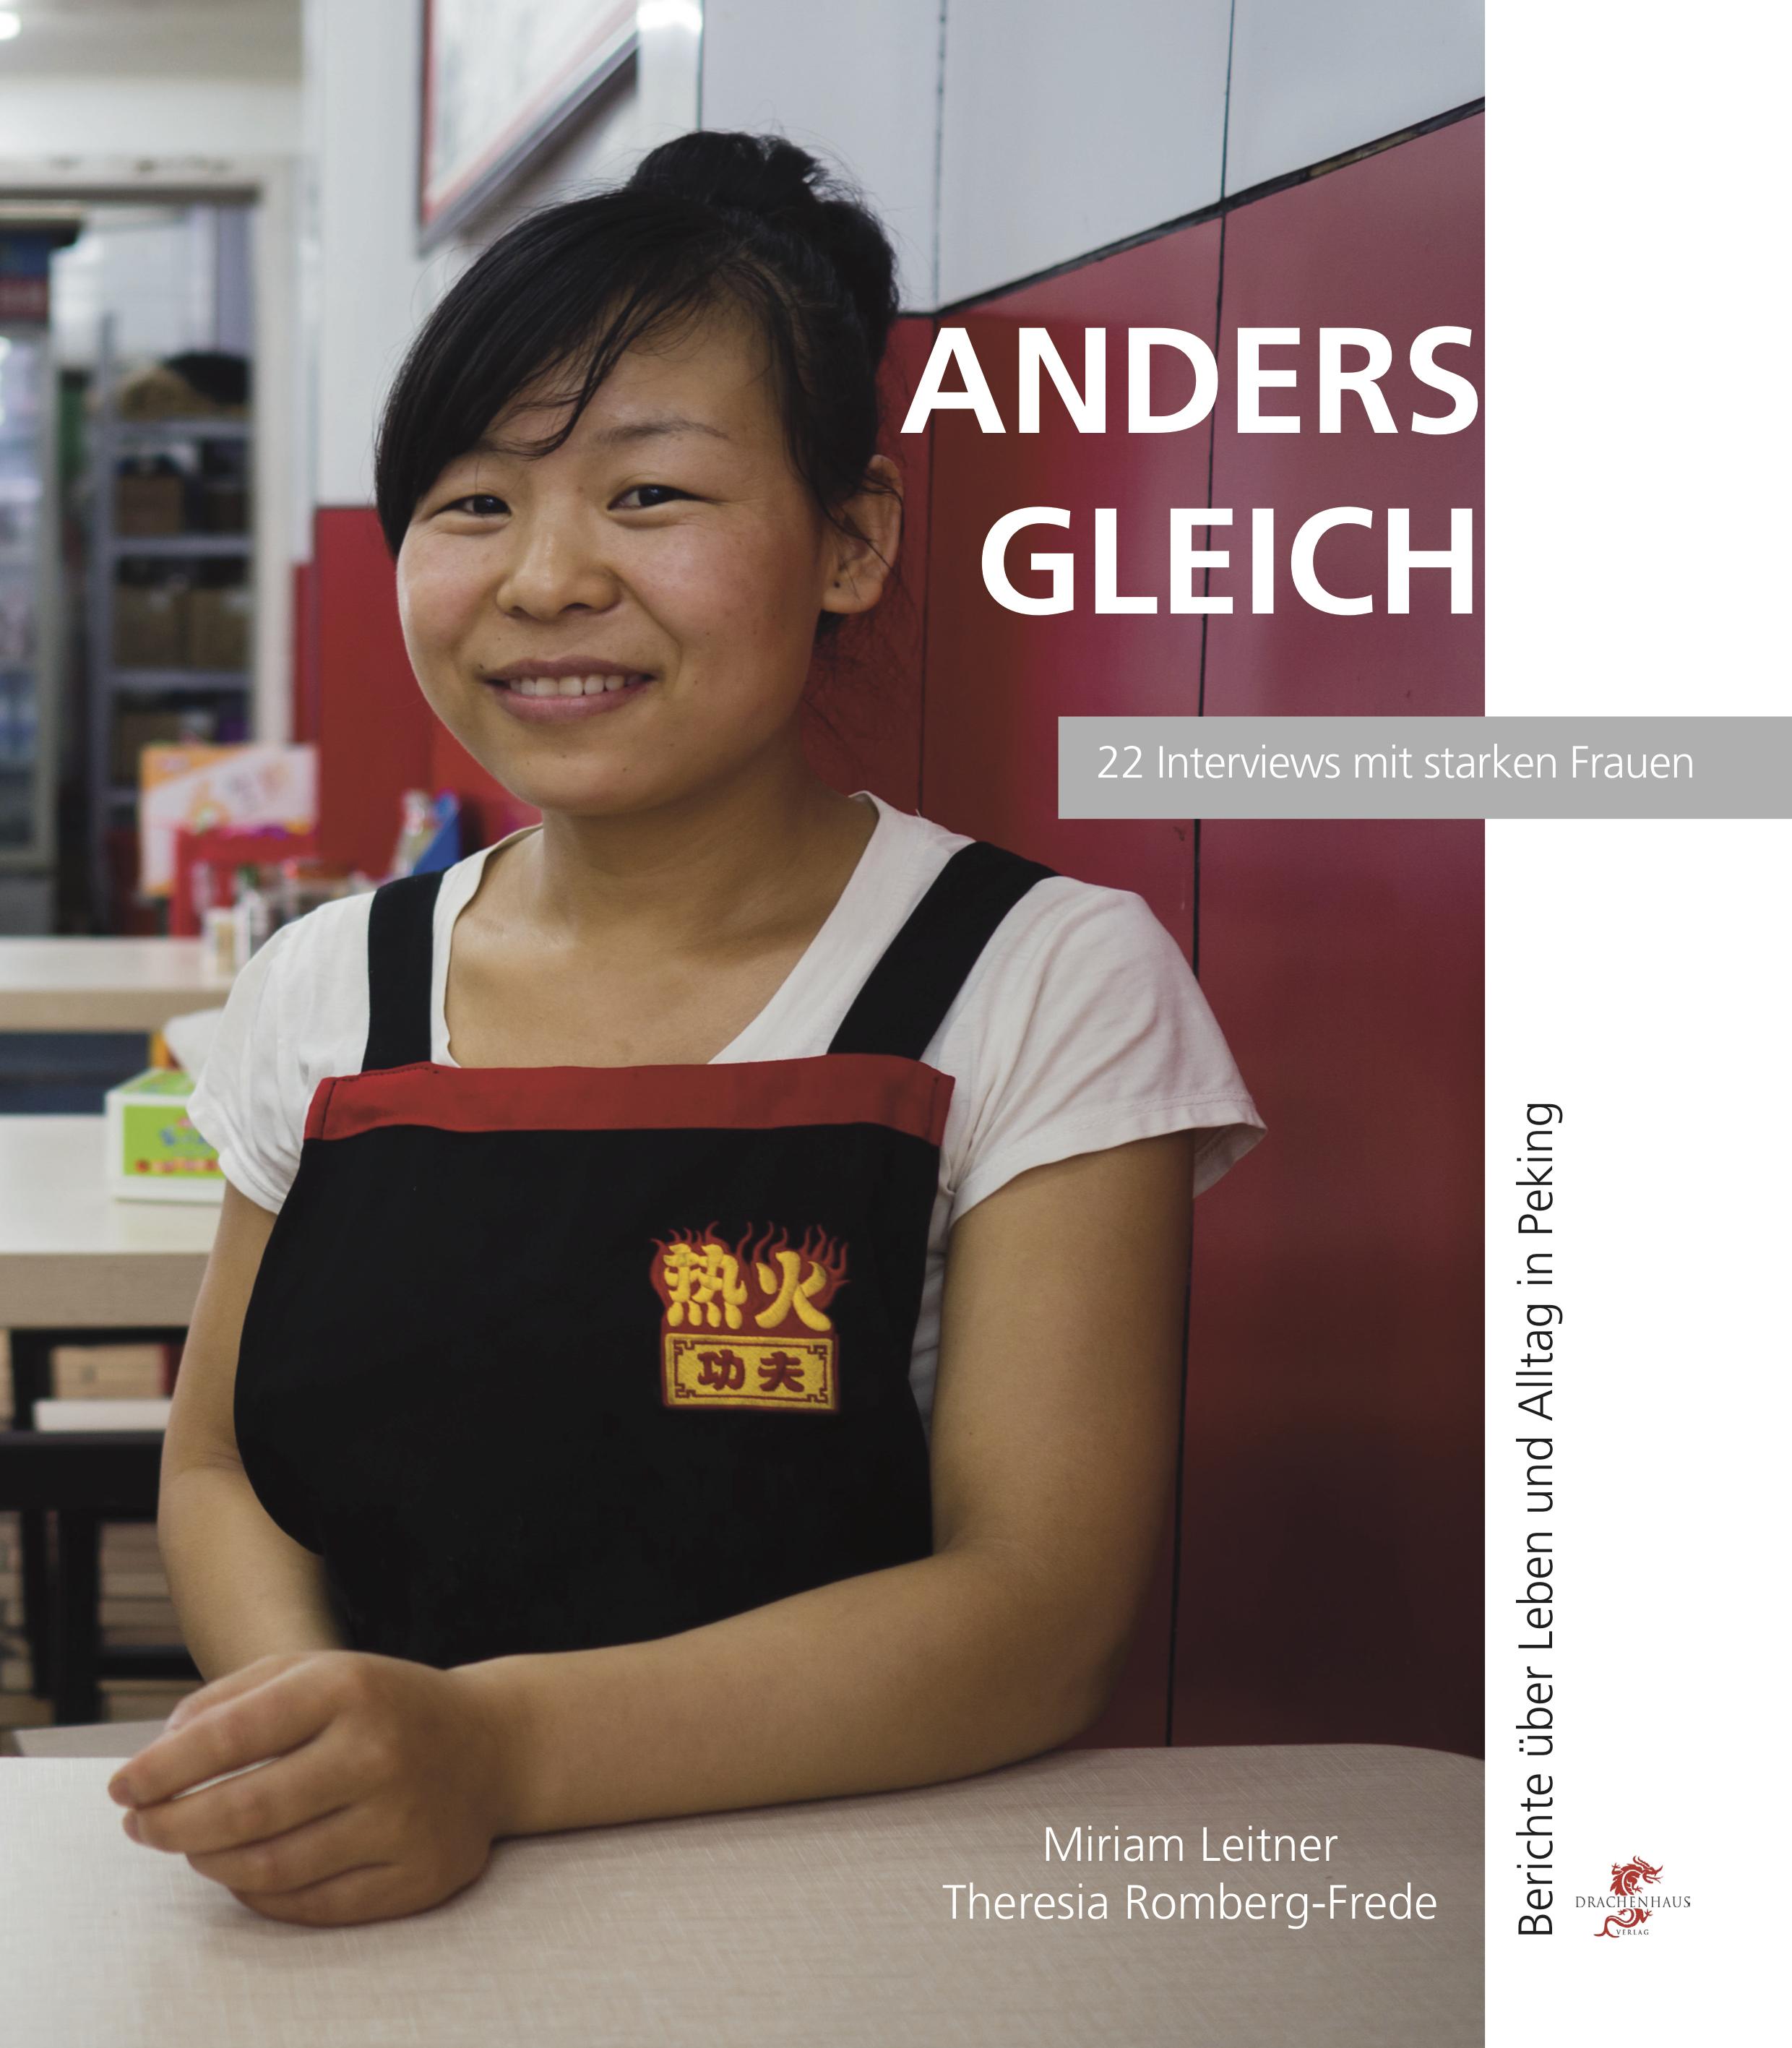 ANDERS GLEICH. Berichte über Leben und Alltag in Peking